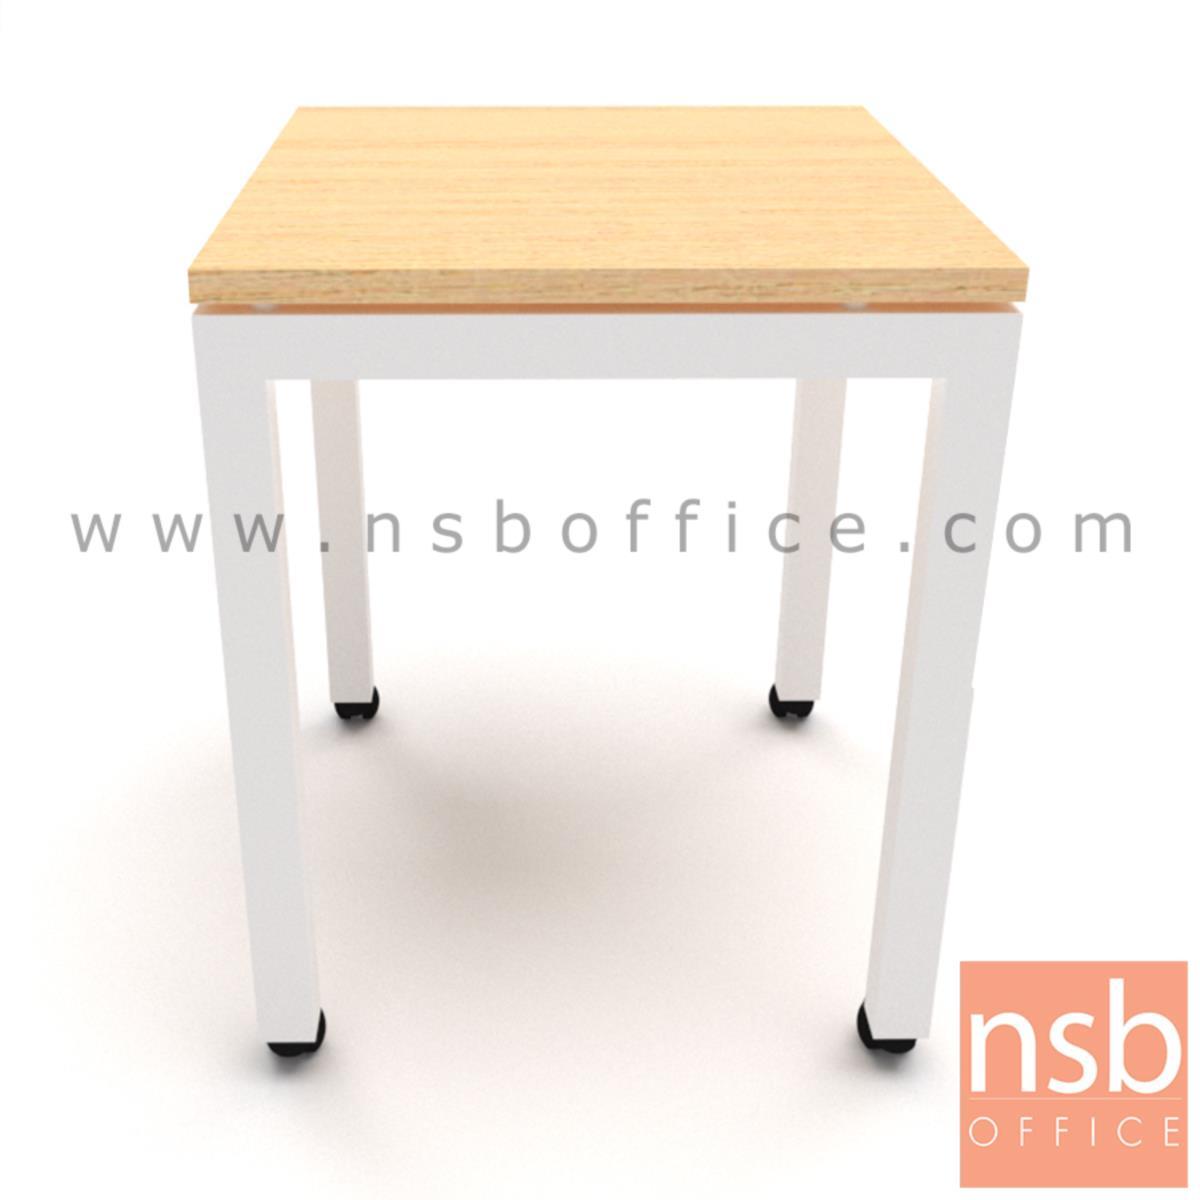 B30A044:โต๊ะโล่งล้อเลื่อน  ขนาด 60W, 70W, 120W, 140W cm.  เมลามีน ขาเหล็กพ่นสี ล้อเลื่อน